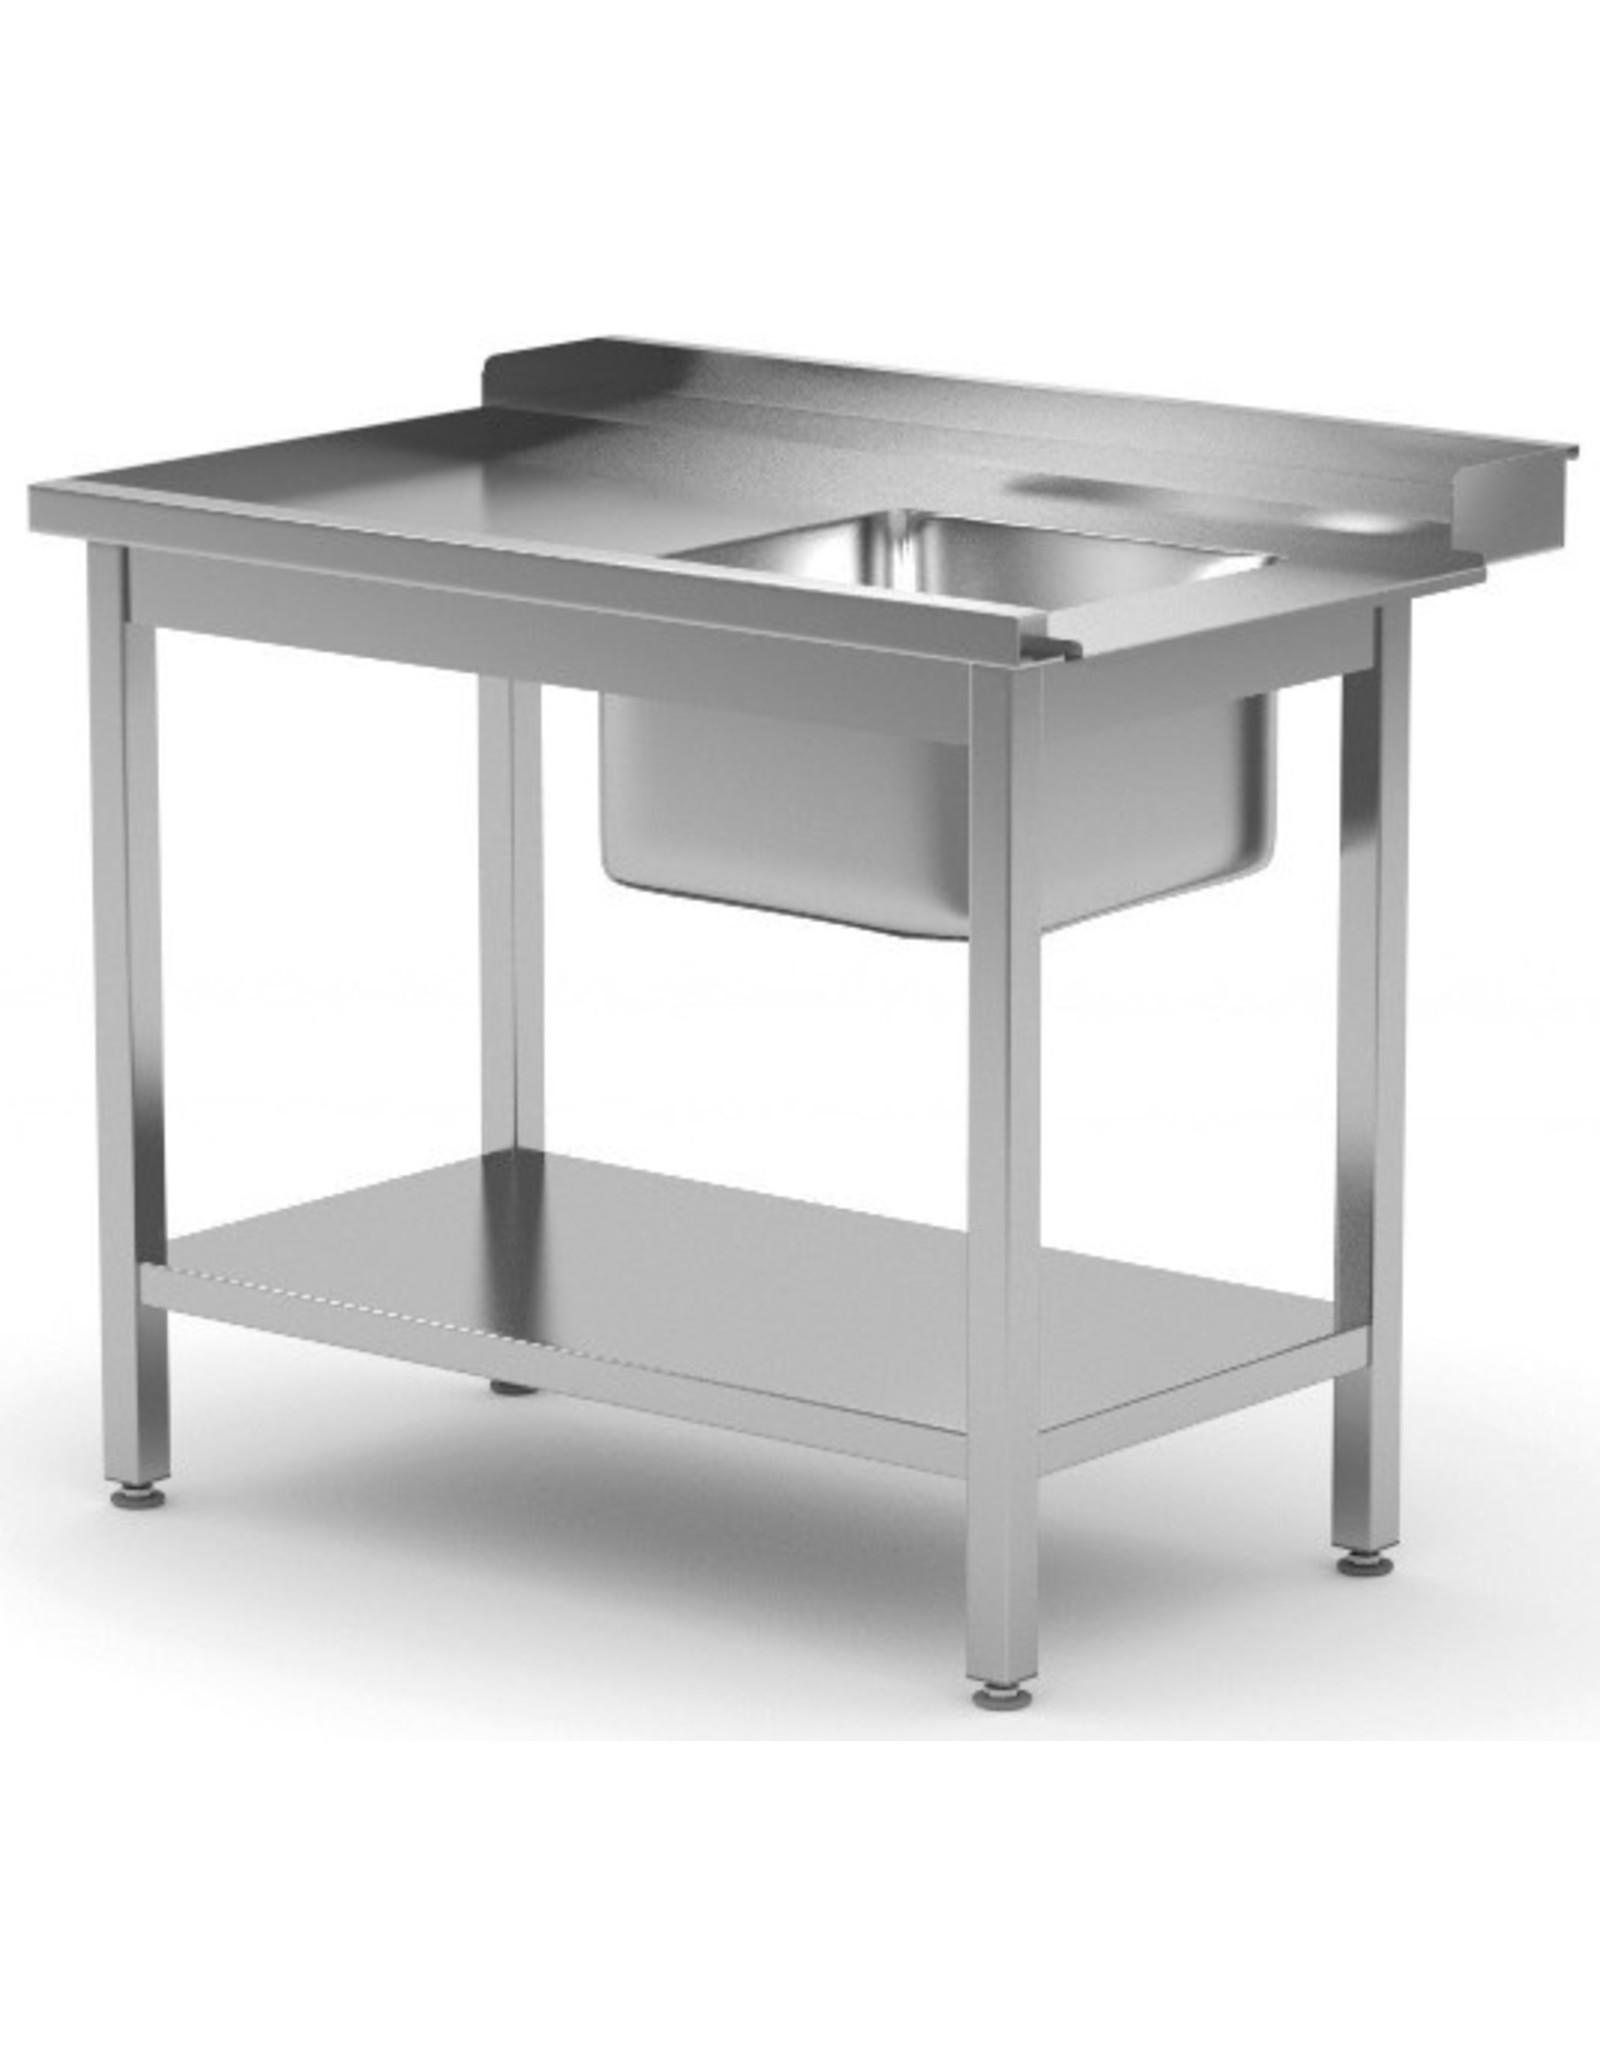 Aanvoertafel doorschuifvaatwasser | met onderplank | links van vaatwasser | 800-1400mm breed | 700 of 760mm diep